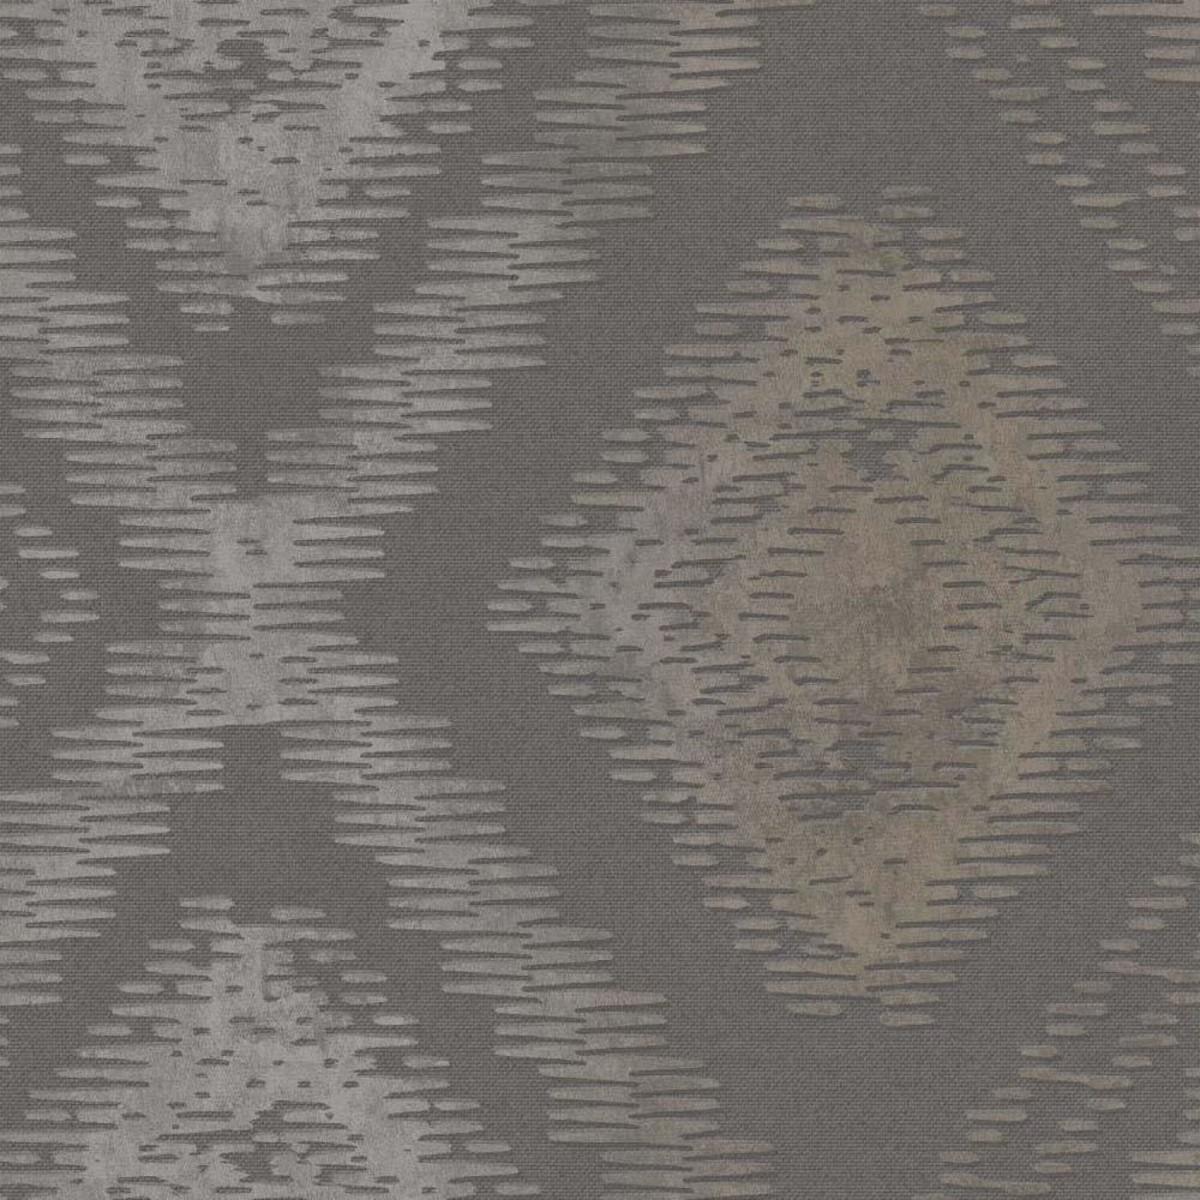 Обои флизелиновые Decoprint Calico черные 0.53 м CL16053